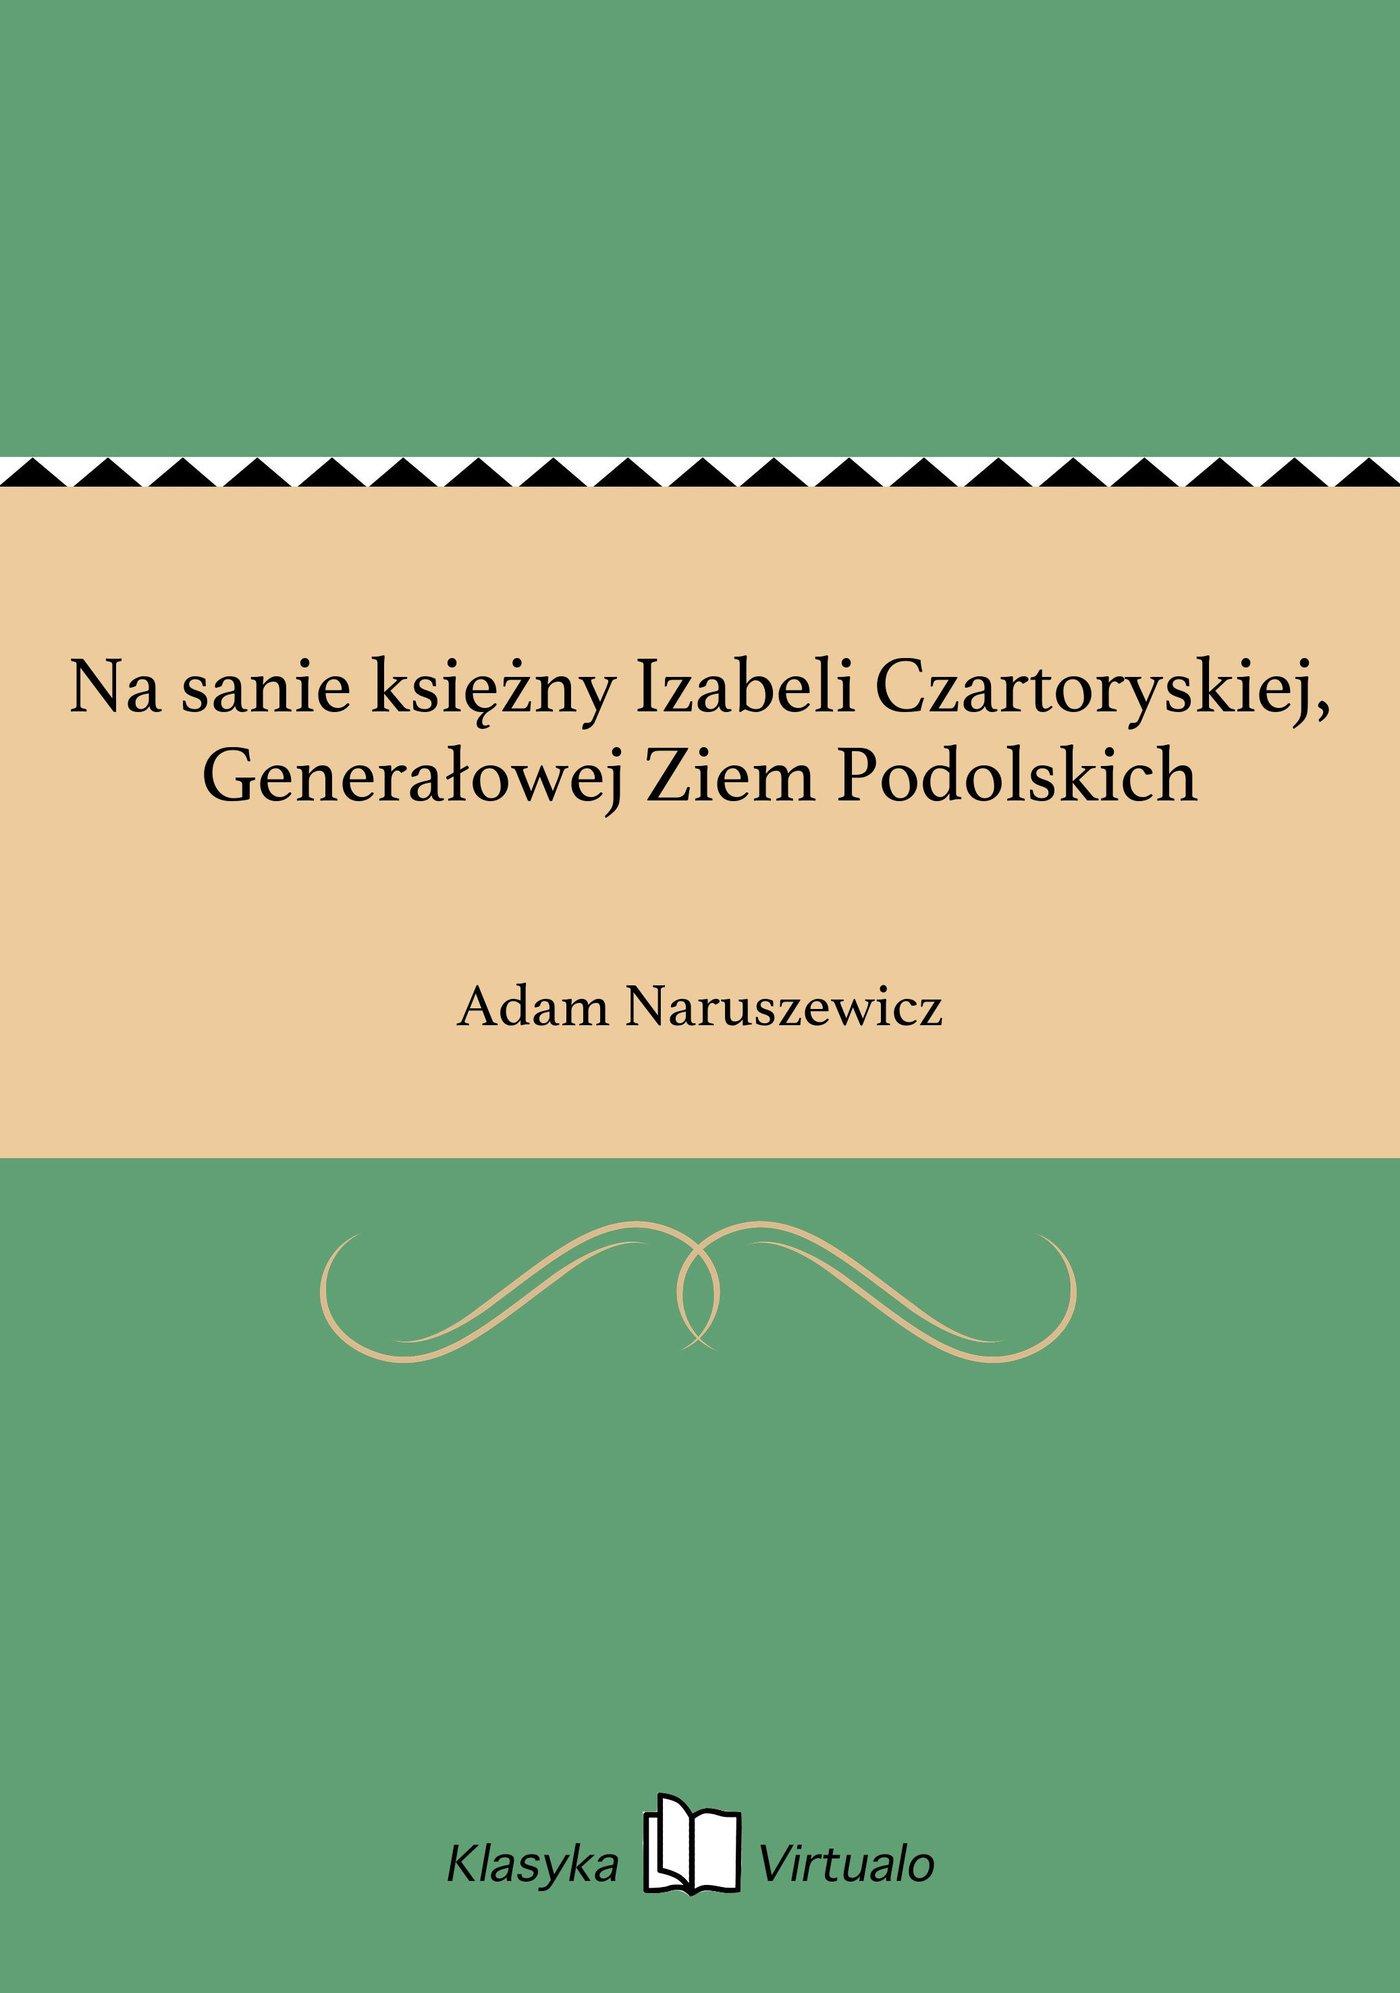 Na sanie księżny Izabeli Czartoryskiej, Generałowej Ziem Podolskich - Ebook (Książka EPUB) do pobrania w formacie EPUB